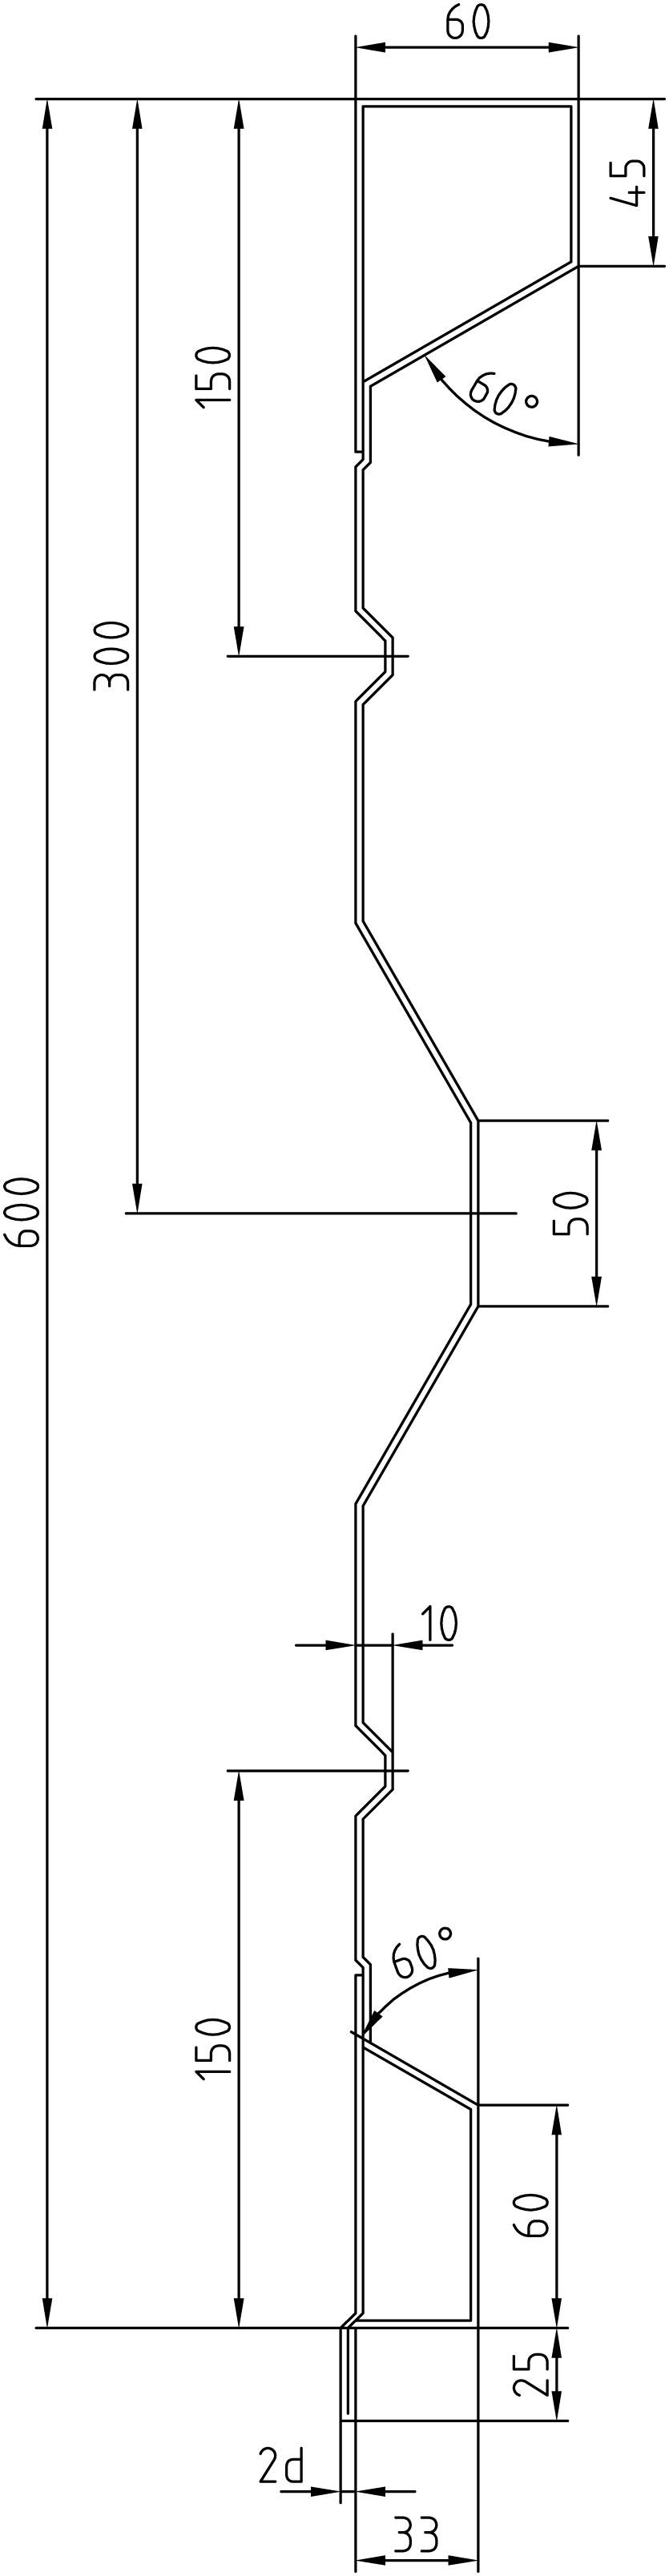 Brantner Kipper und Anhänger - 600x2x5035 attachment board with trailing edges